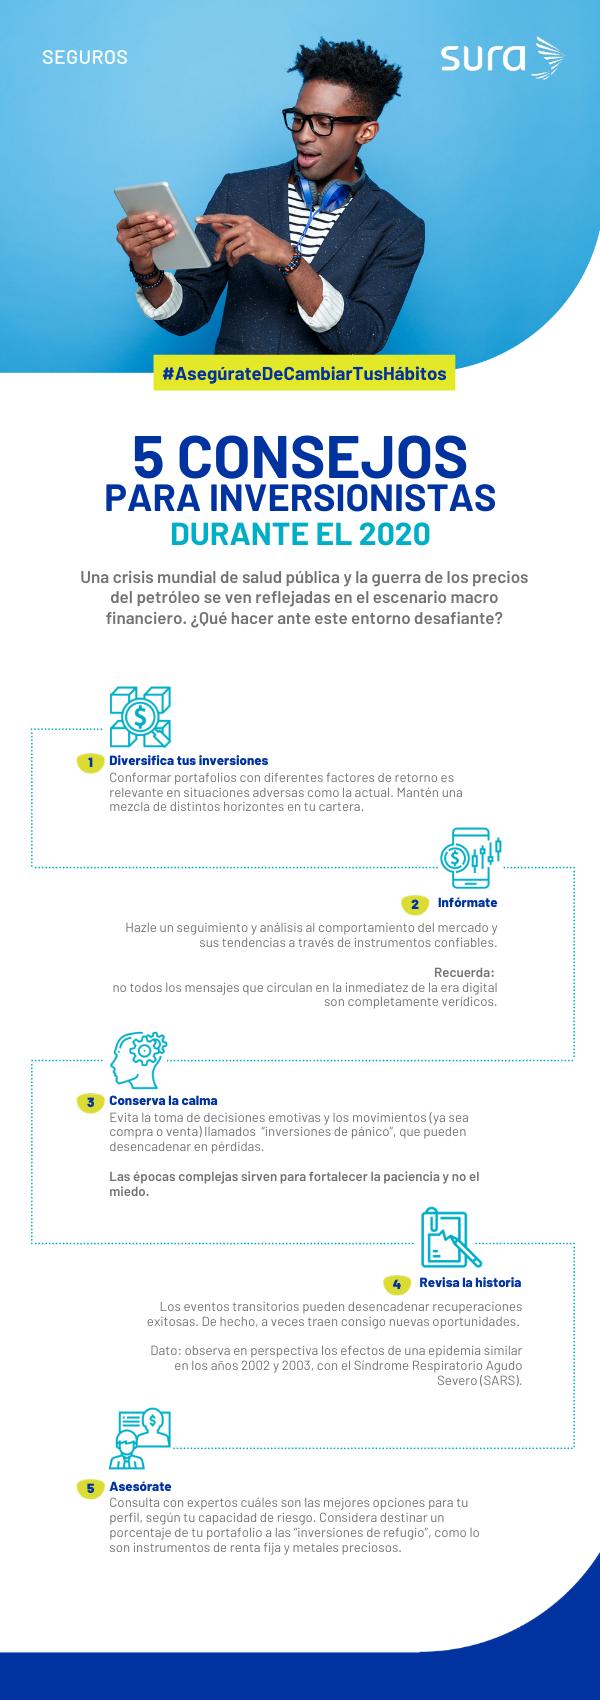 Infografía - Consejos inversionistas